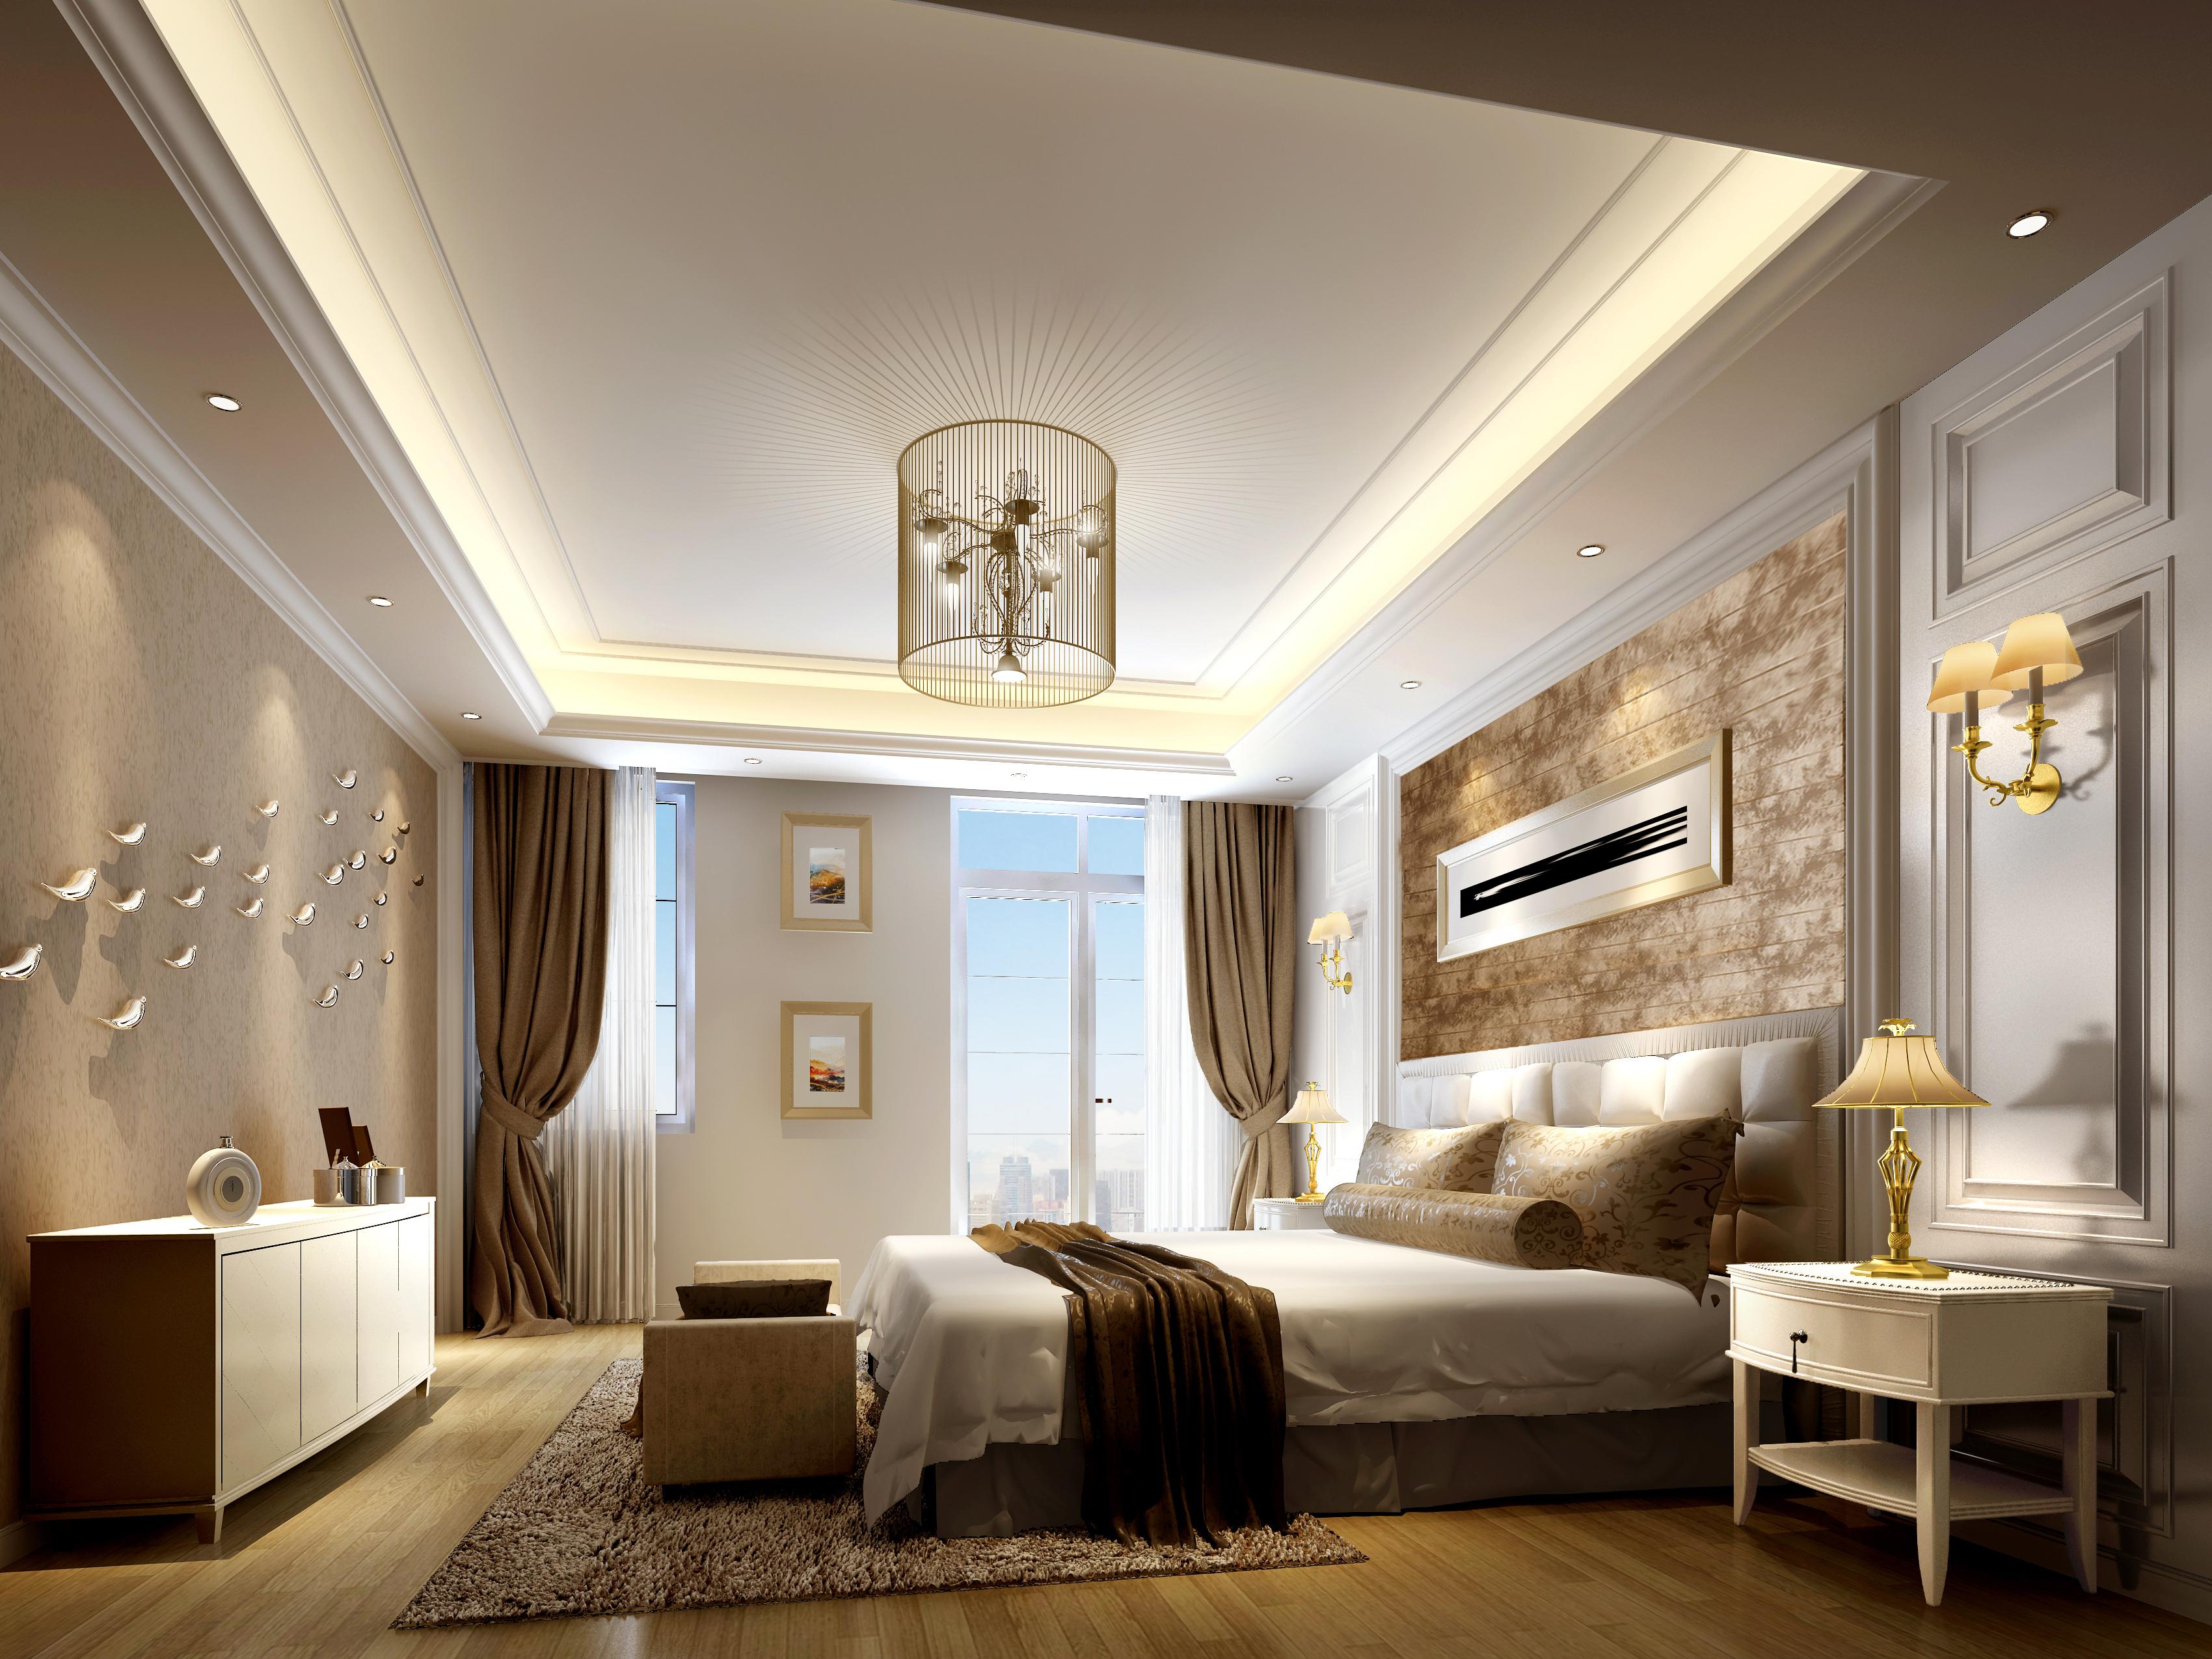 别墅 卧室图片来自用户2192407445在别墅装修的分享